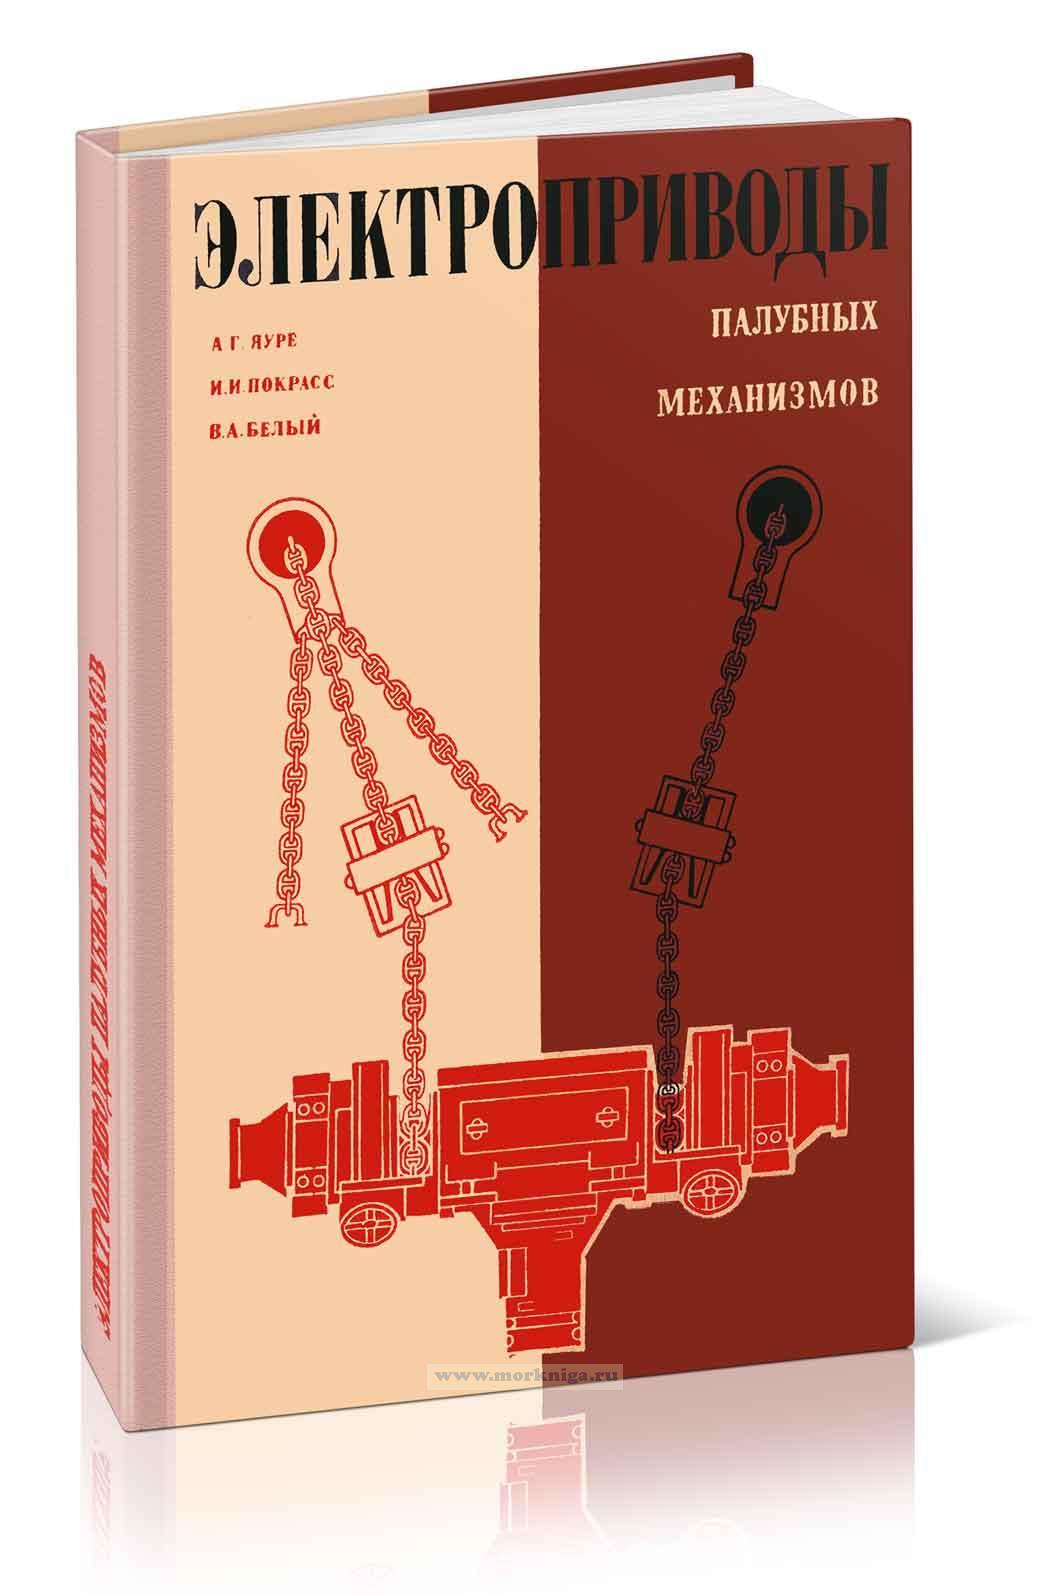 Электроприводы палубных механизмов